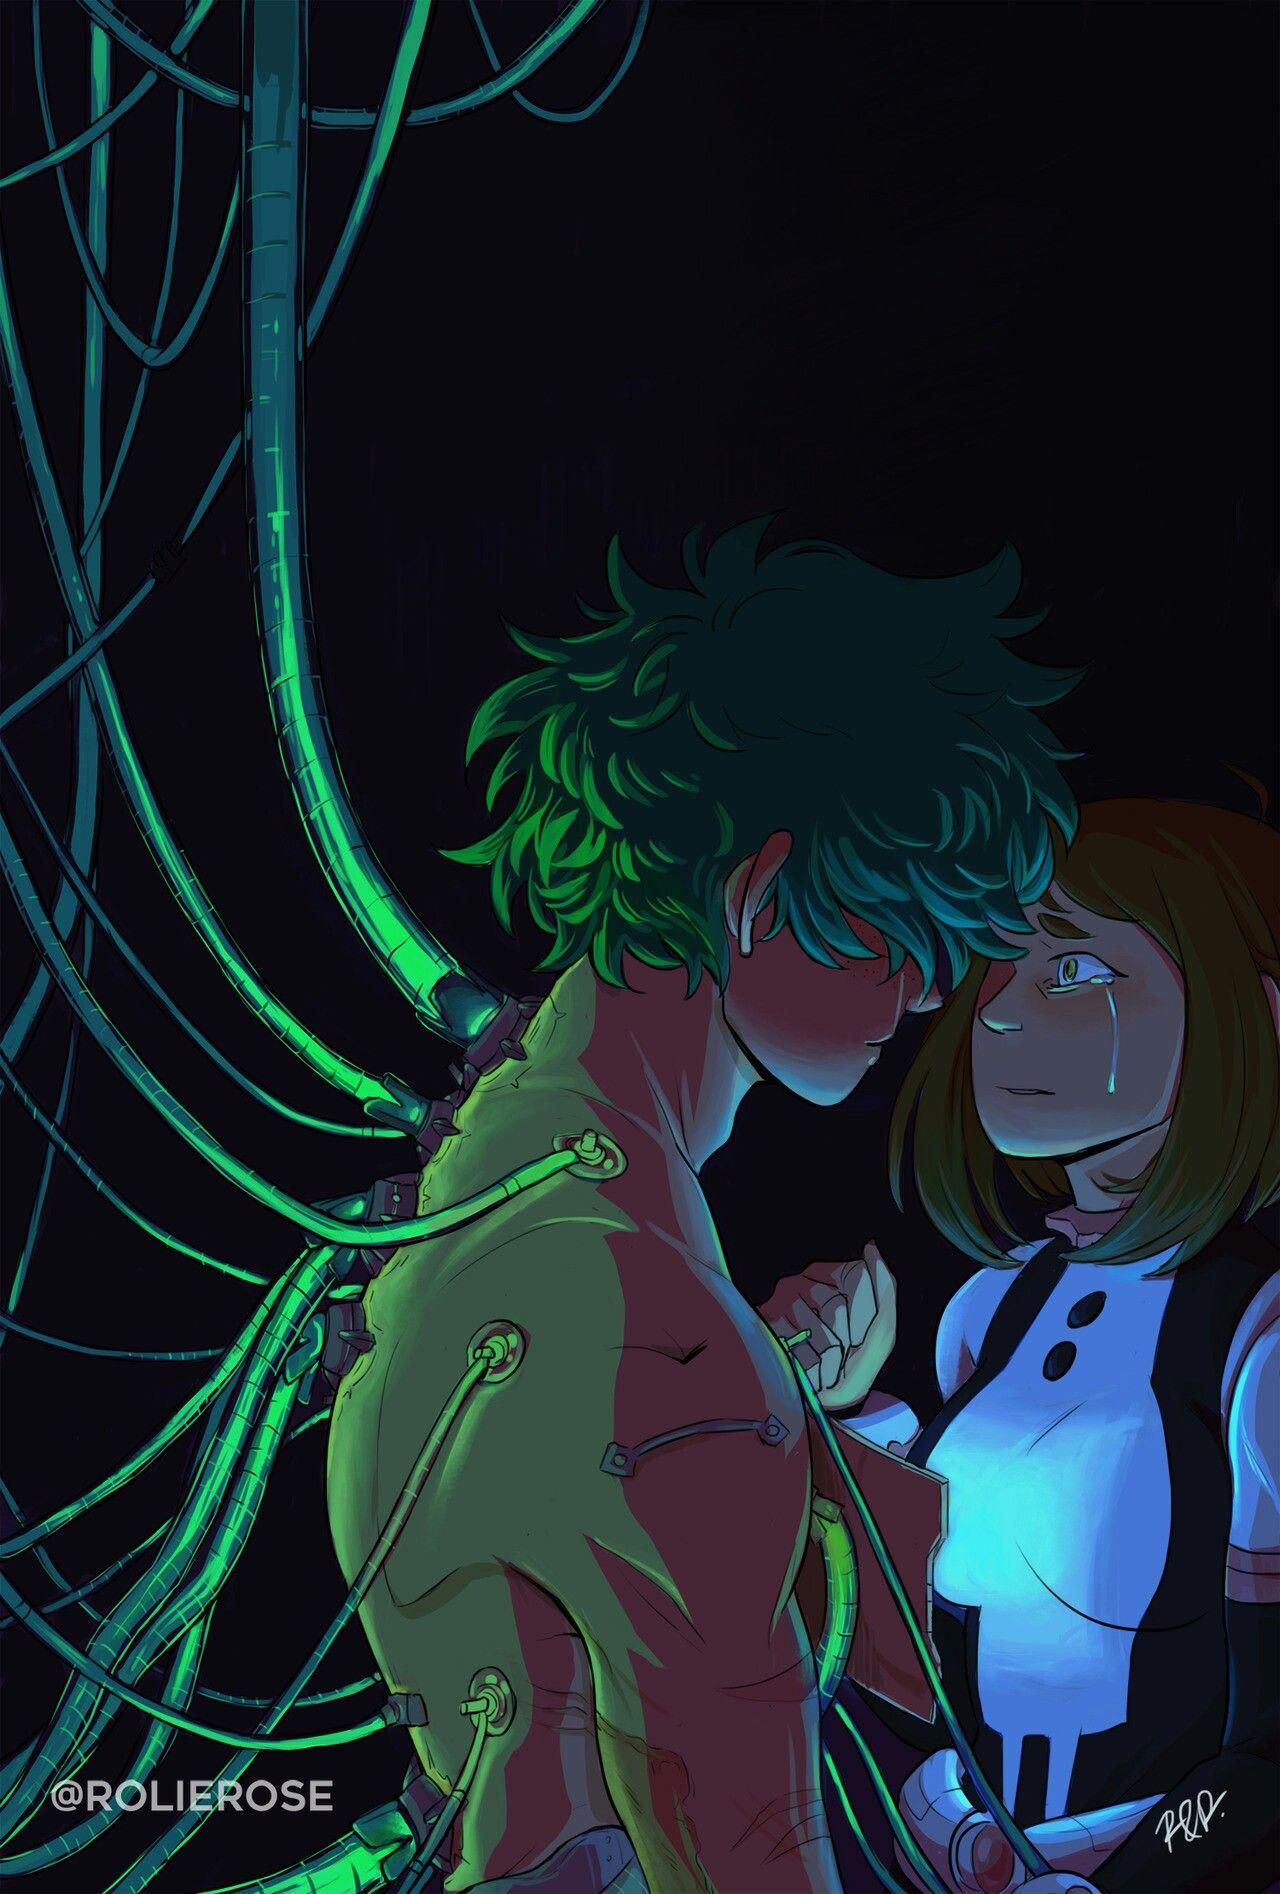 Que zad 😢😢😢 Parejas de anime manga, Dibujos, Heroe